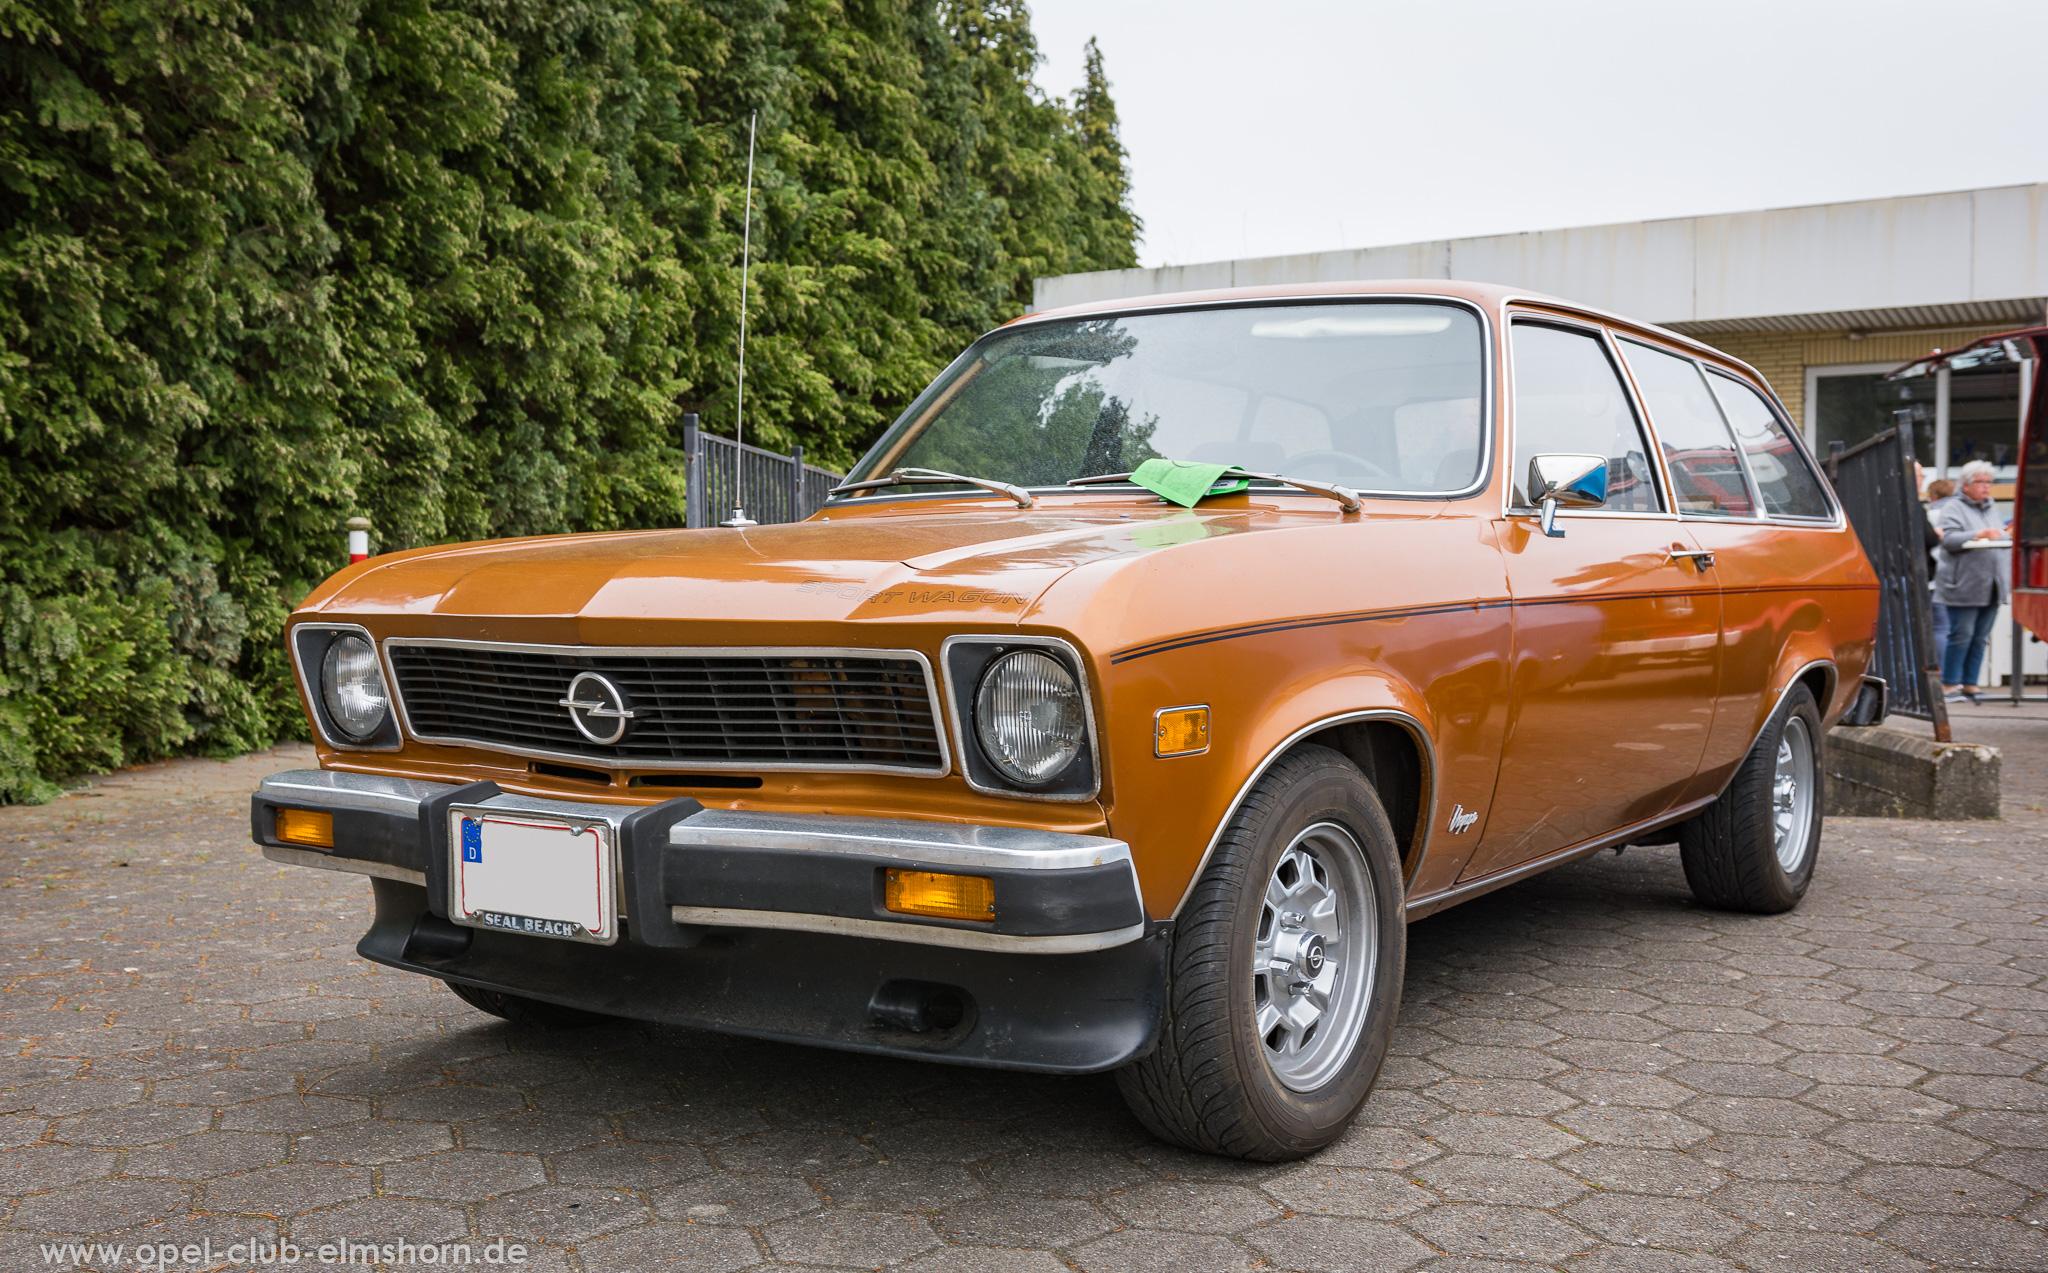 Altopeltreffen Wedel 2019 - 20190501_112802 - Opel Ascona A